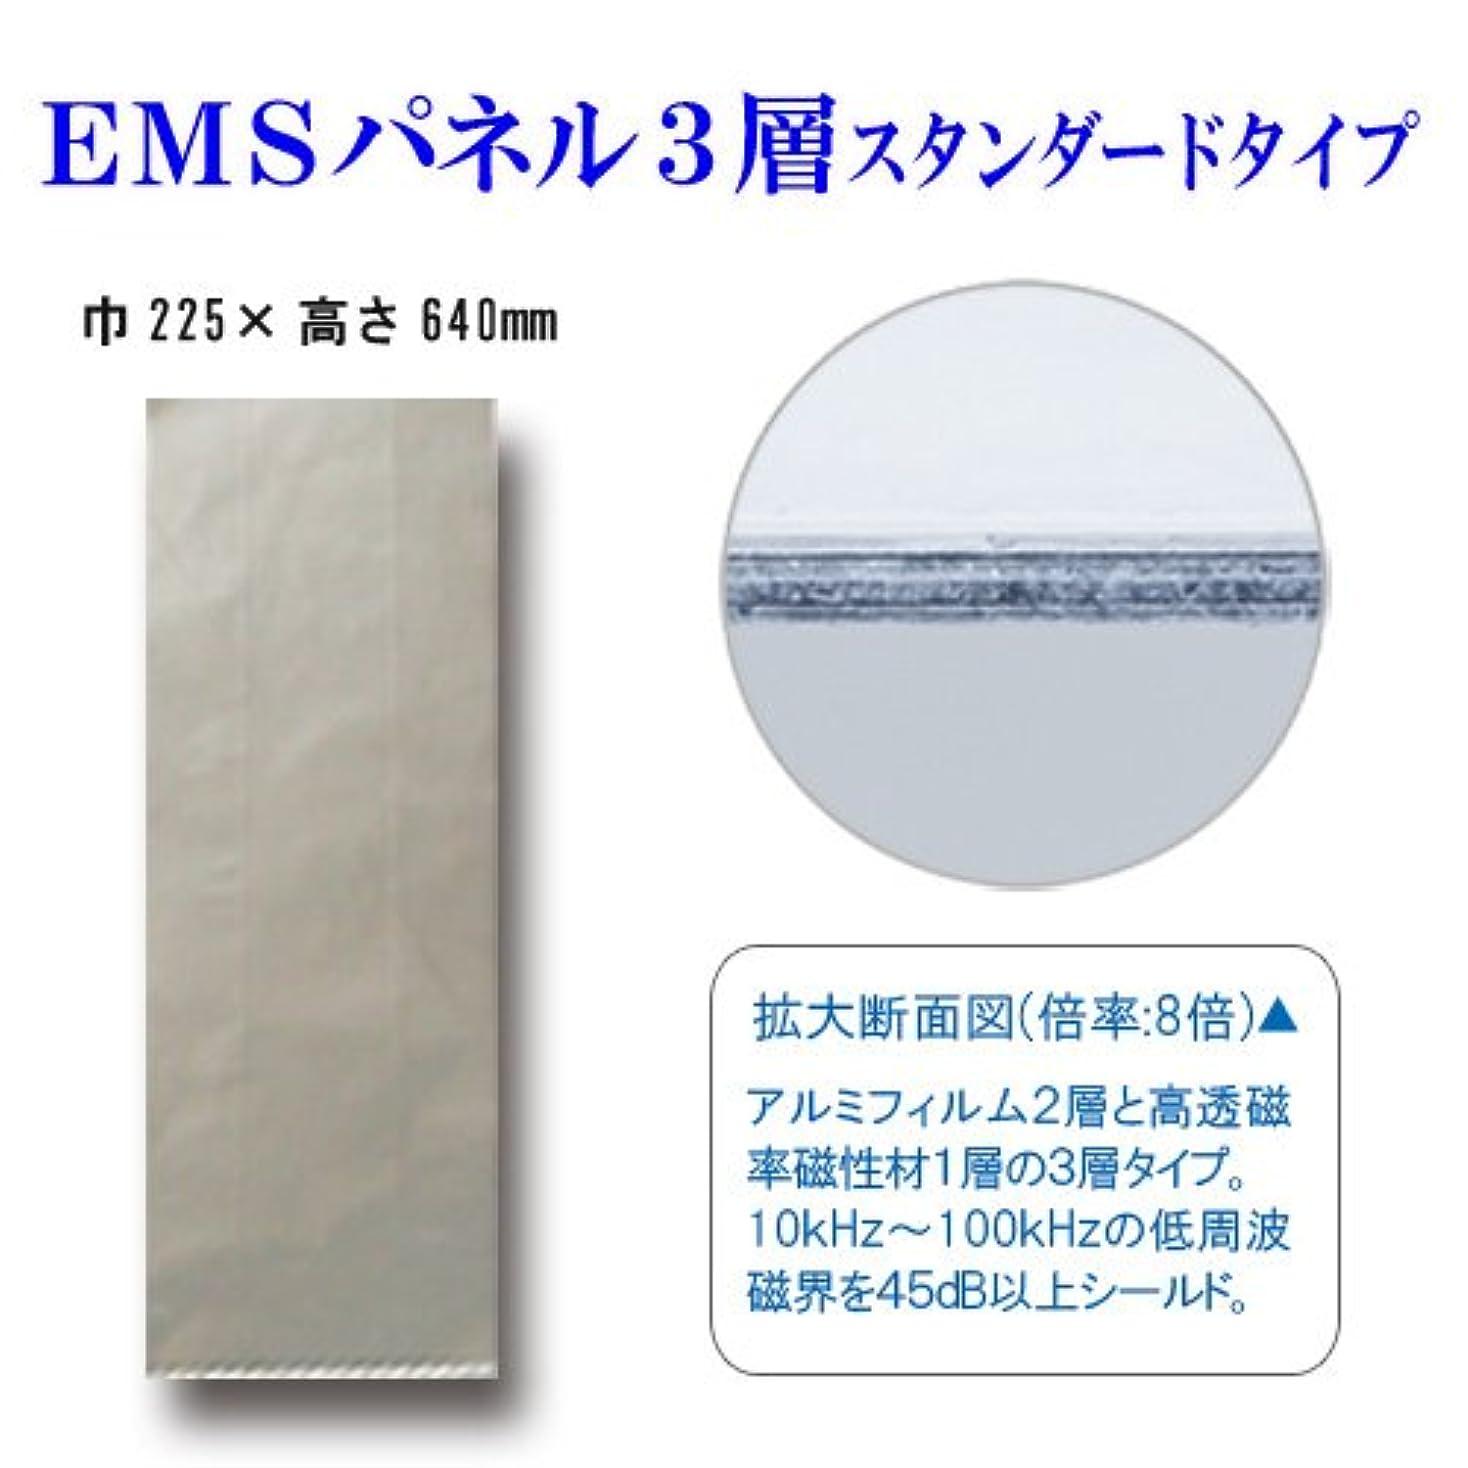 窒息させる雹水っぽいEMSパネル3層-標準タイプ(低周波磁界対策)225×640mm